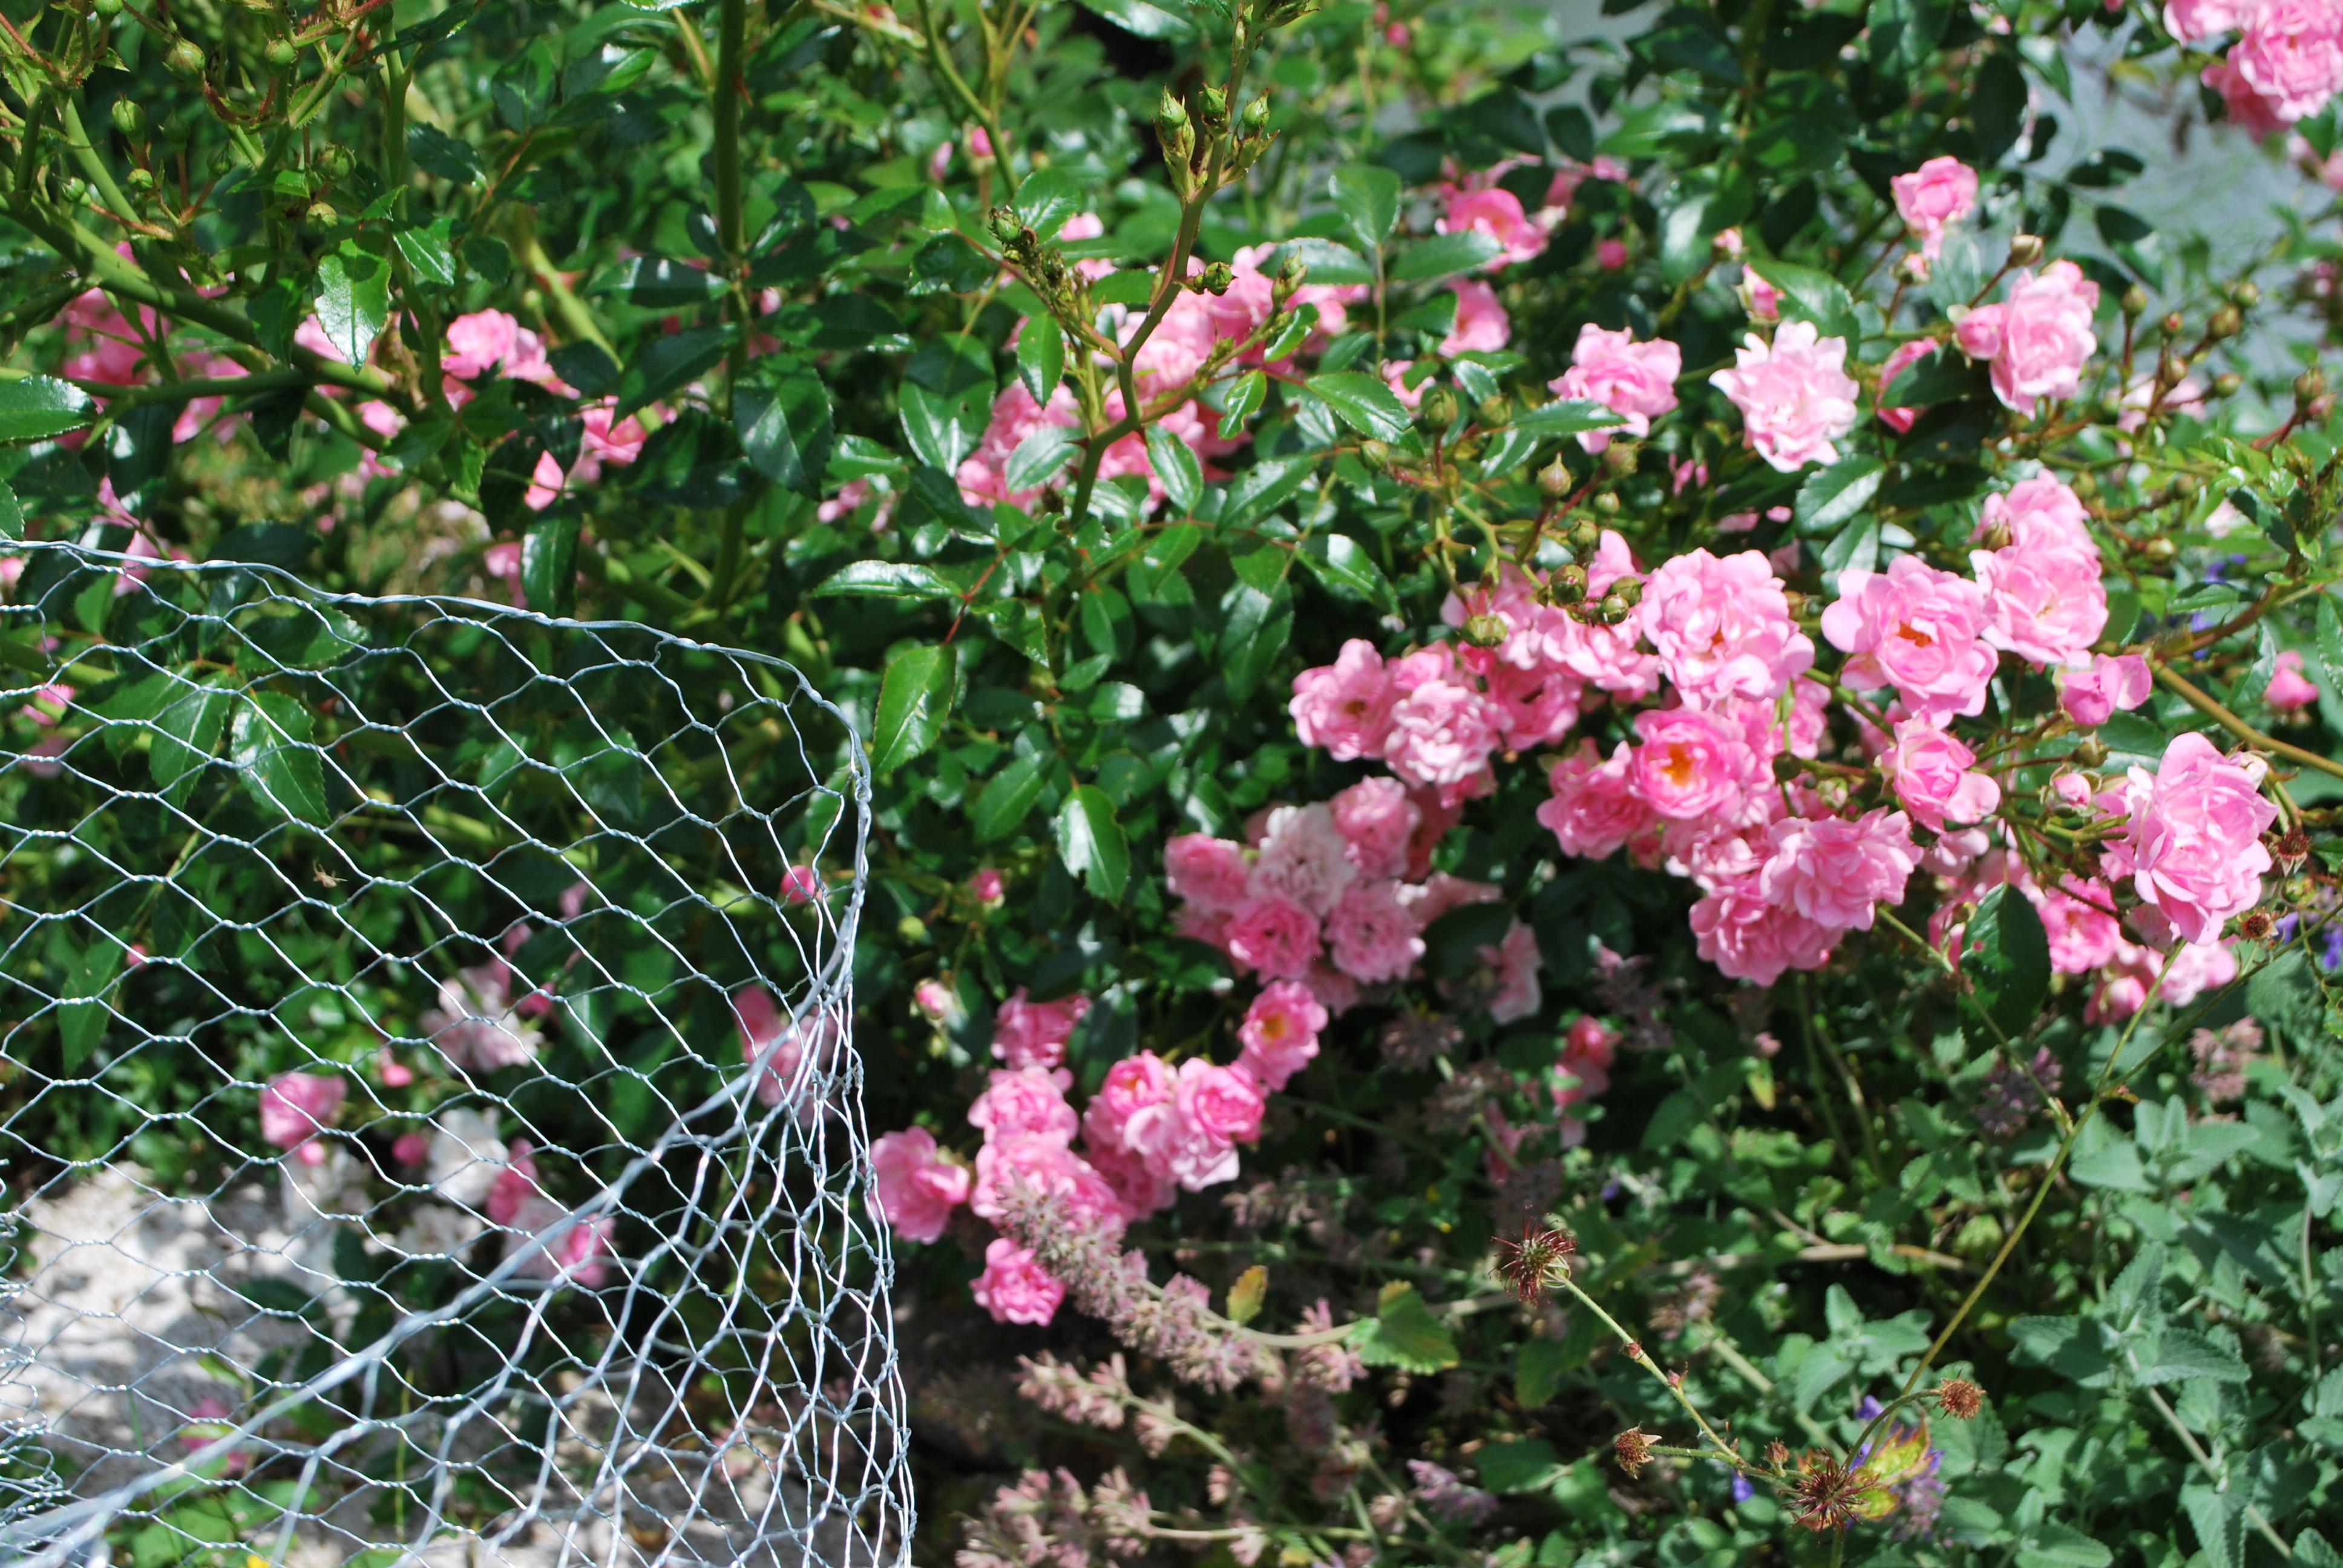 Wühlmauskorb für Rosen und Sträucher